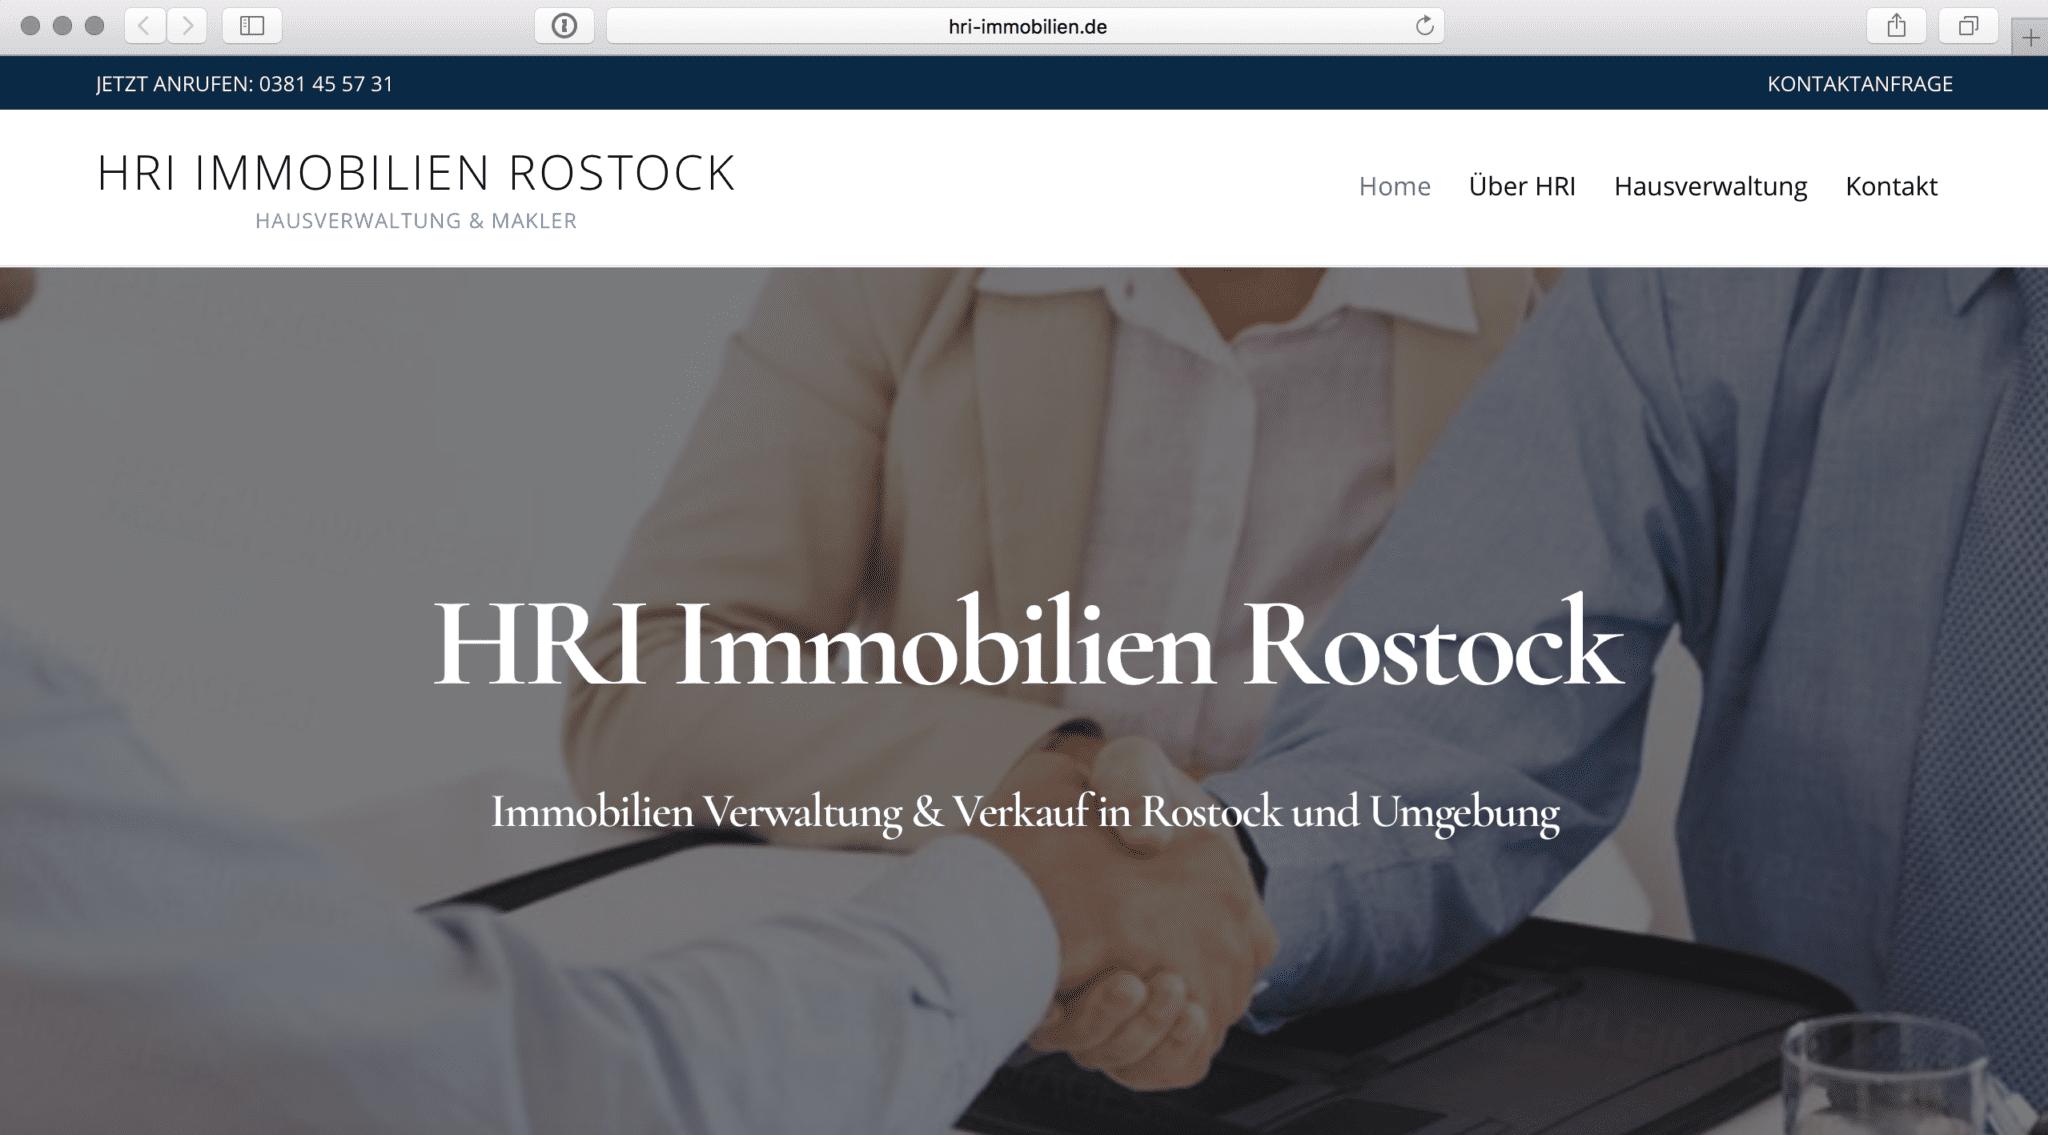 www.hri-immobilien.de-1